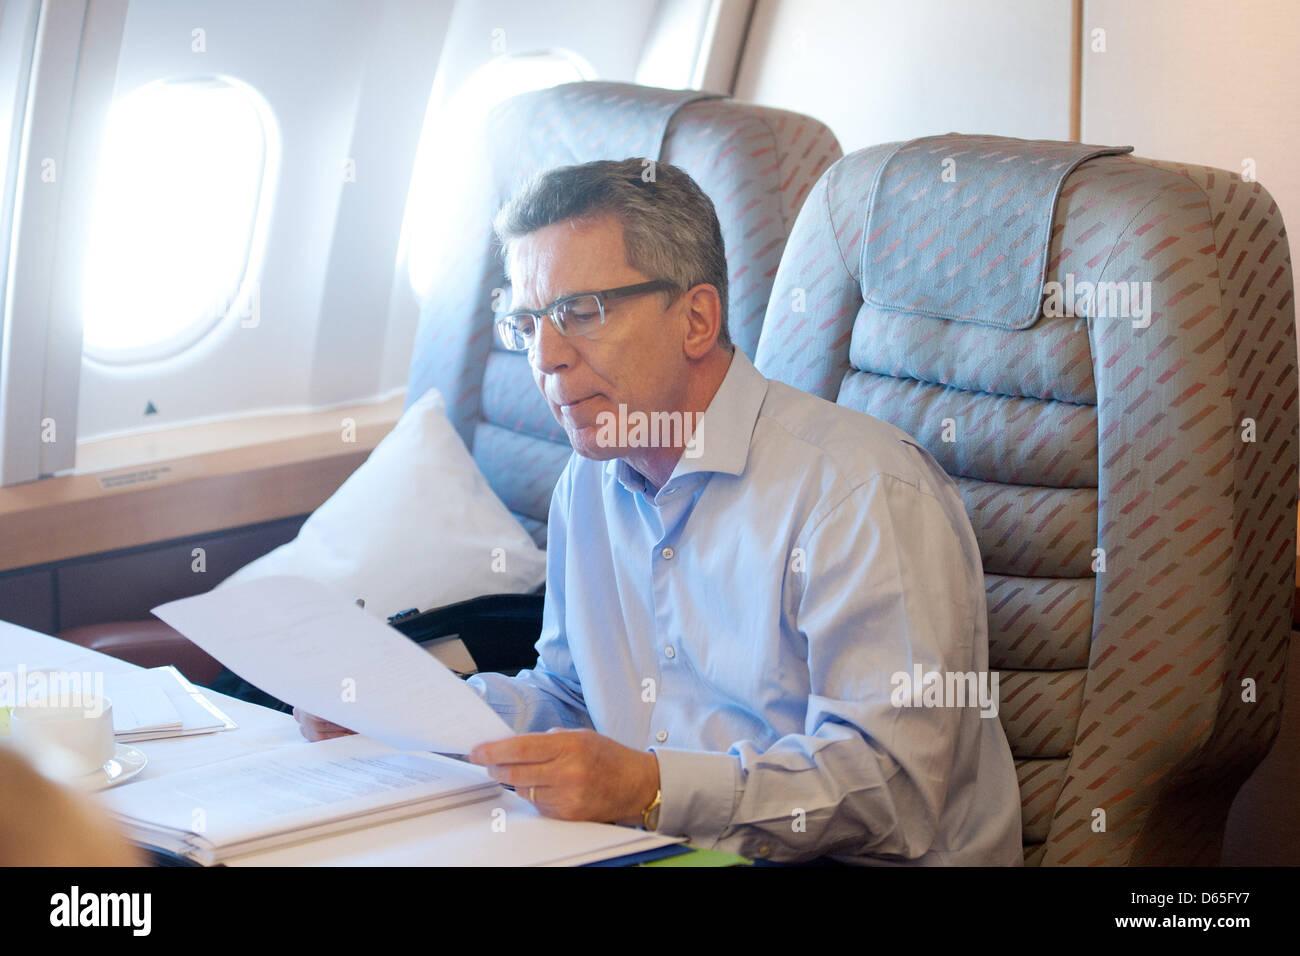 Verteidigungsminister Thomas de Maizière (CDU) arbeitet am Dienstag (19.06.2012) auf dem Flug von Abu Dhabi - Stock Image